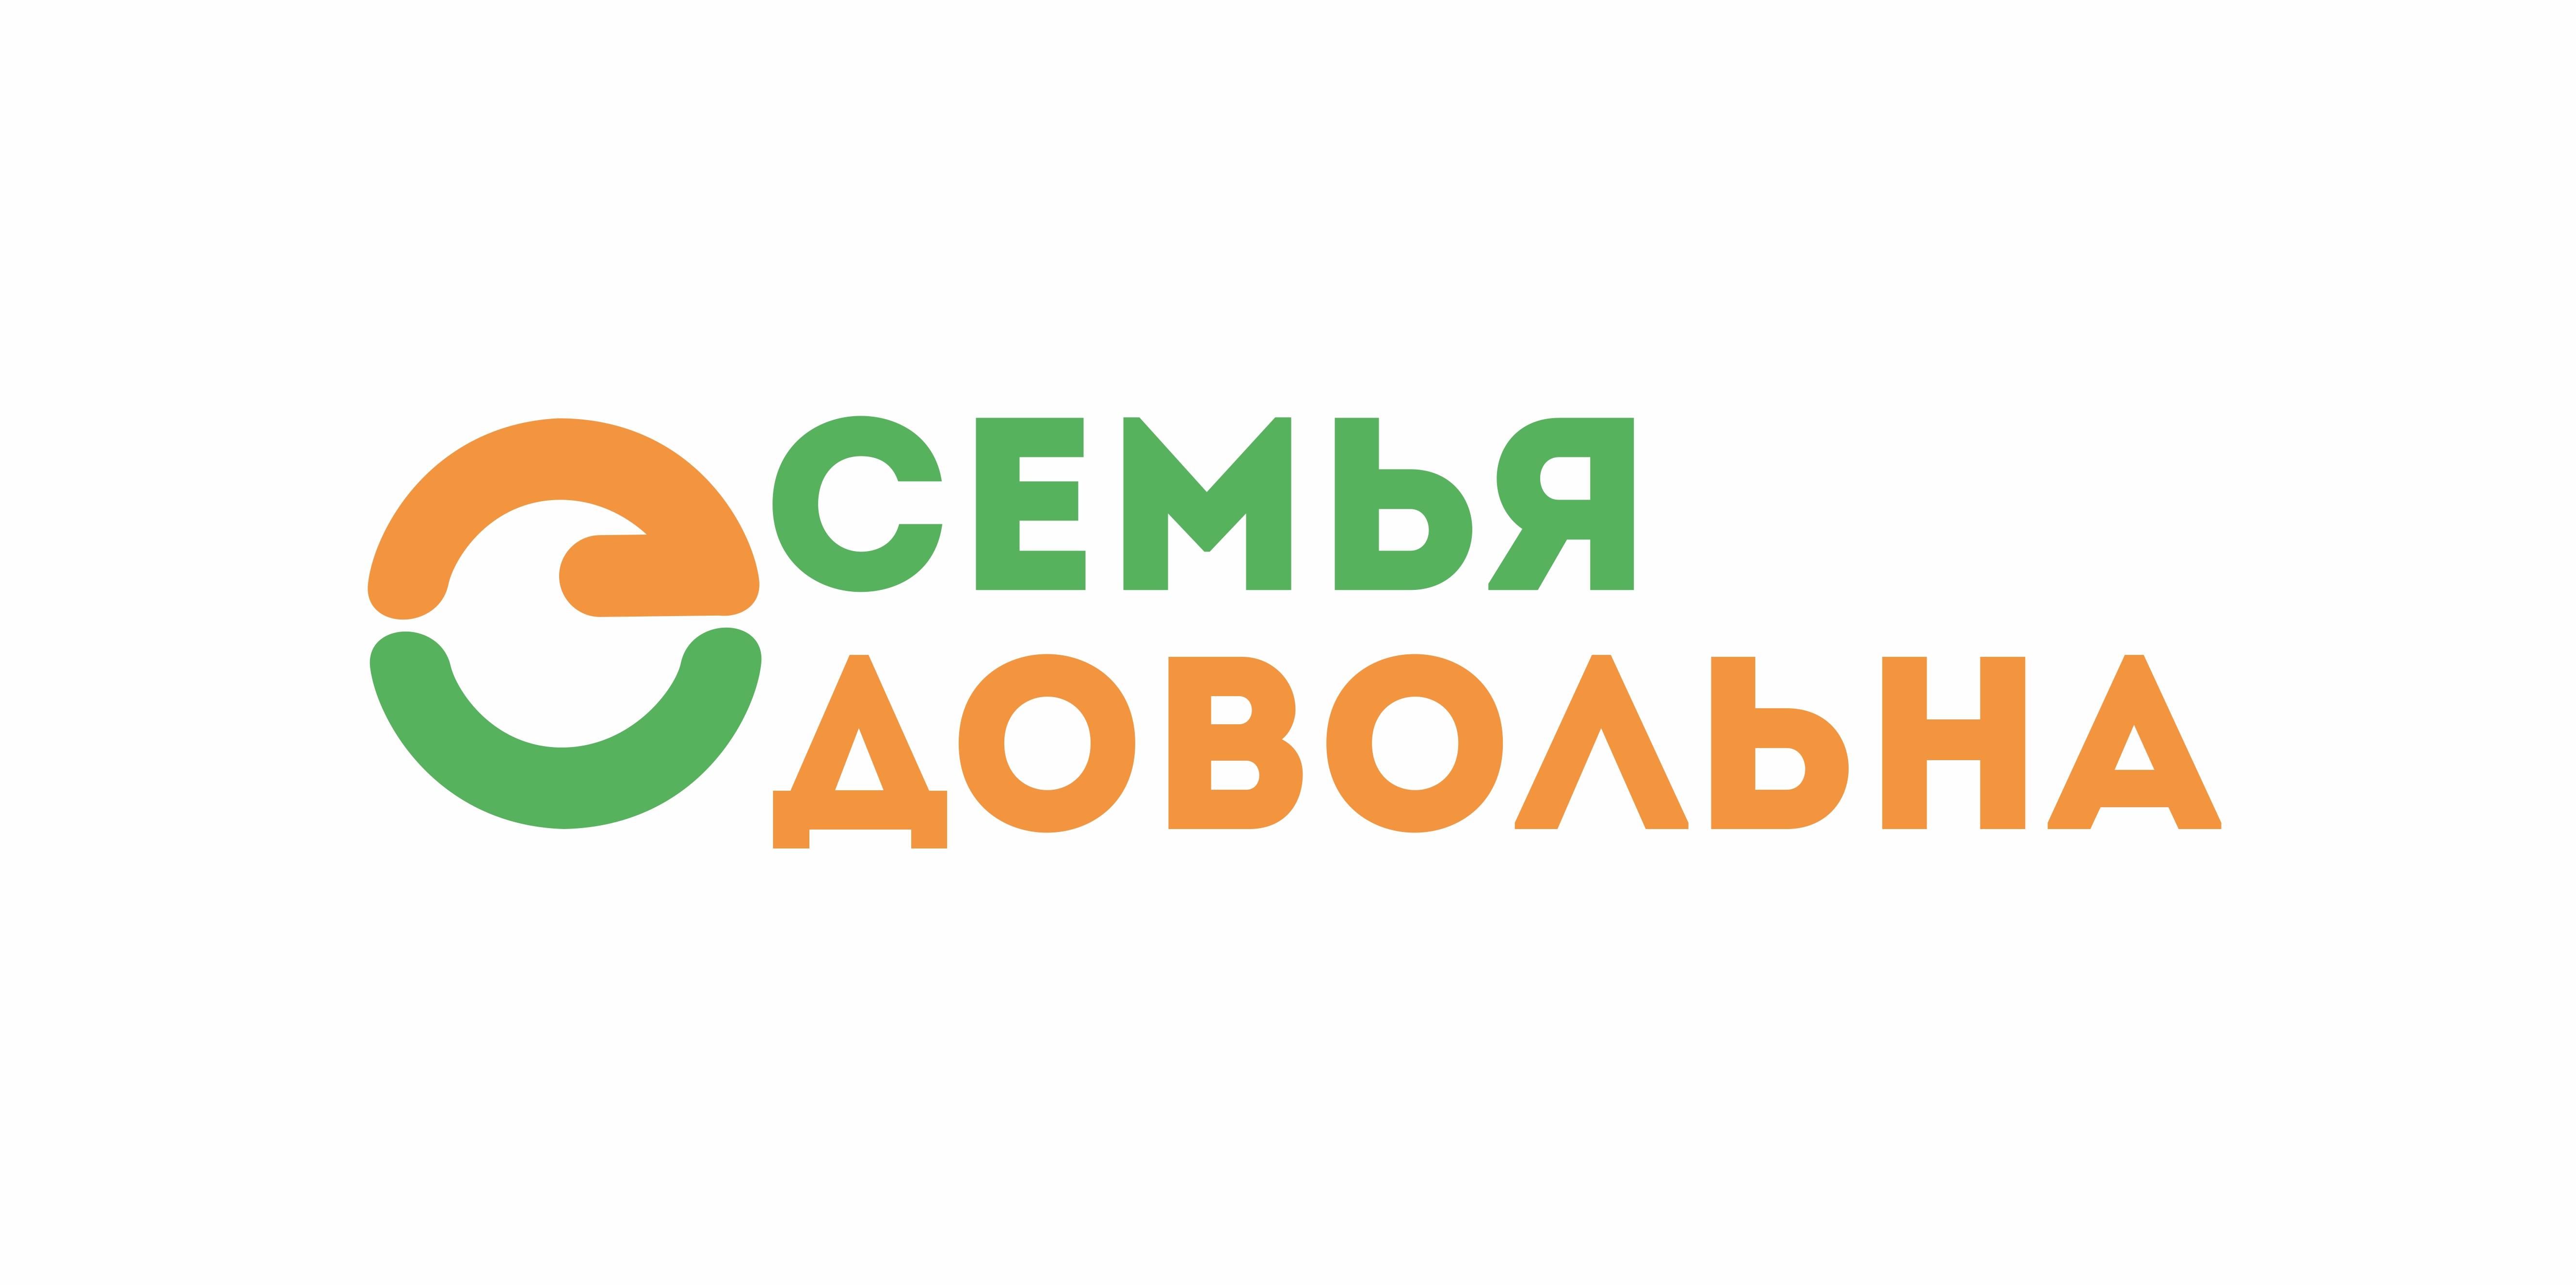 """Разработайте логотип для торговой марки """"Семья довольна"""" фото f_2615ba3c84b55fdc.jpg"""